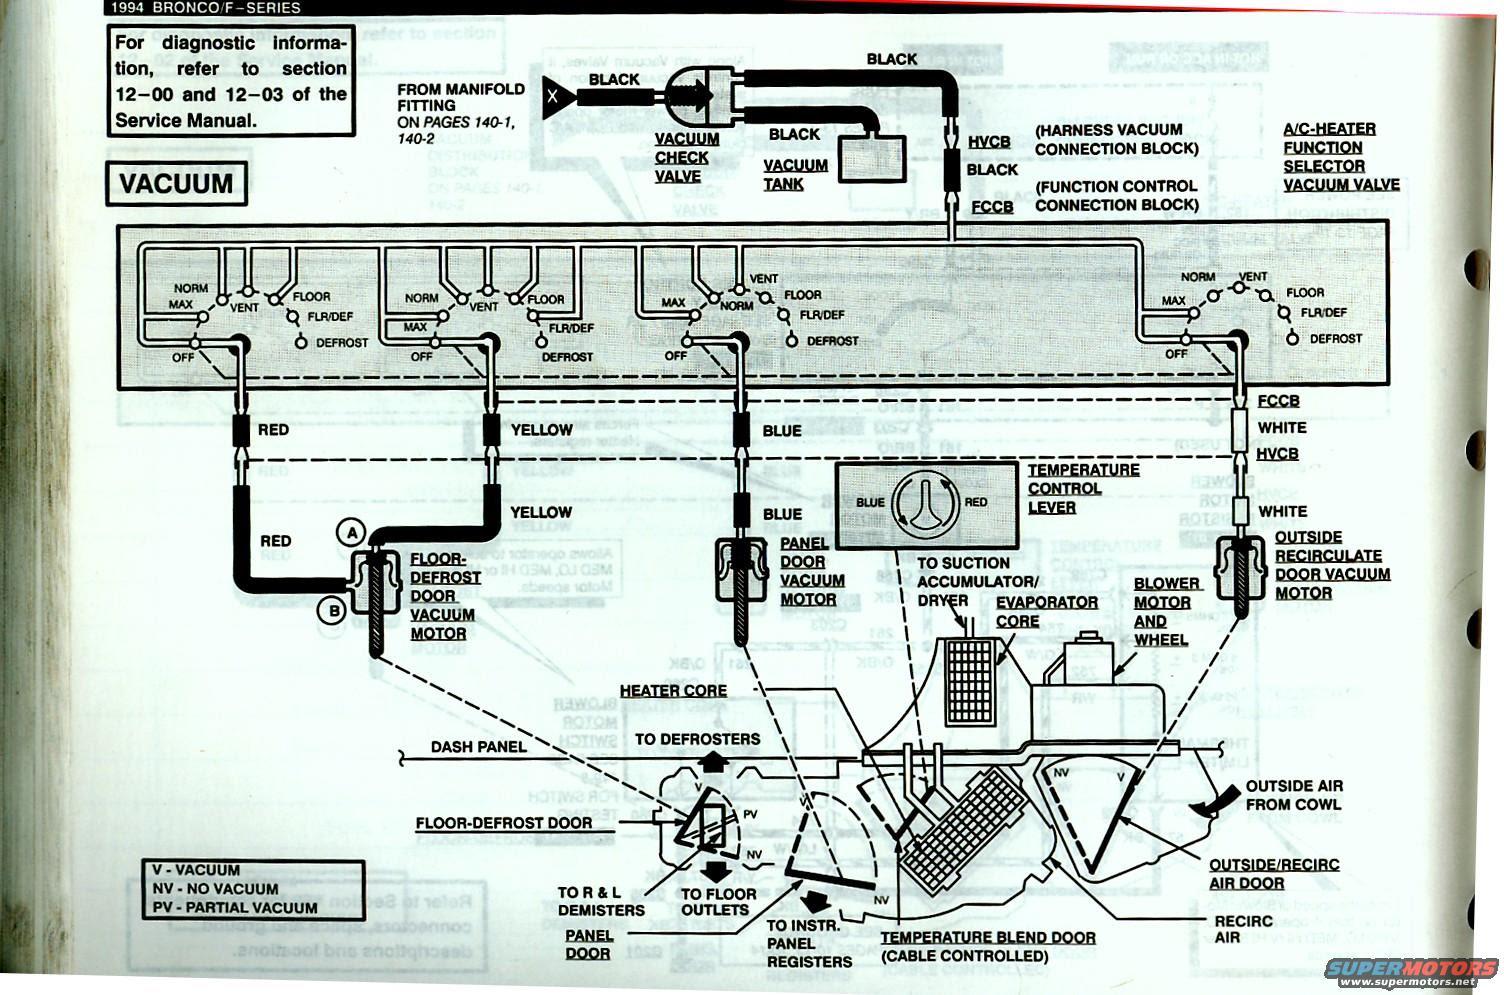 Vacuum Schematic For 5 8l Bronco Forum Full Size Ford Bronco Forum